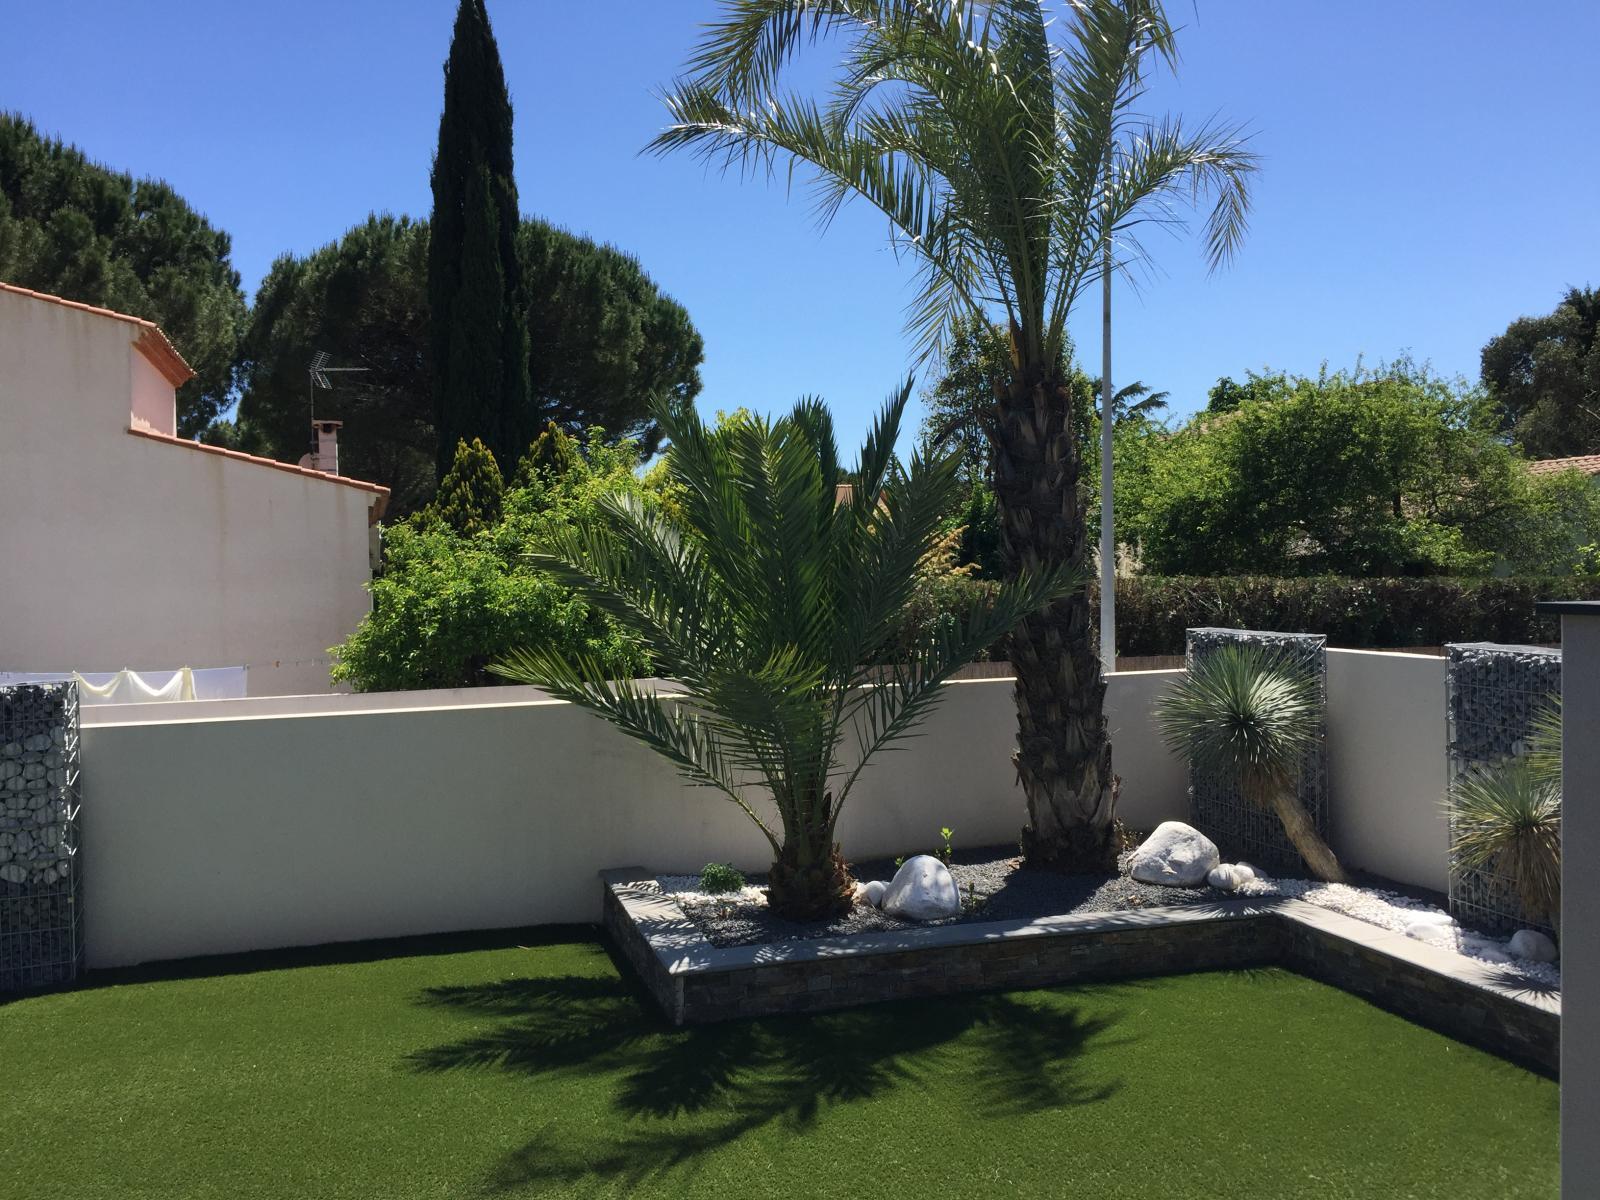 paillage min raux vert parc cr ateur de jardins. Black Bedroom Furniture Sets. Home Design Ideas